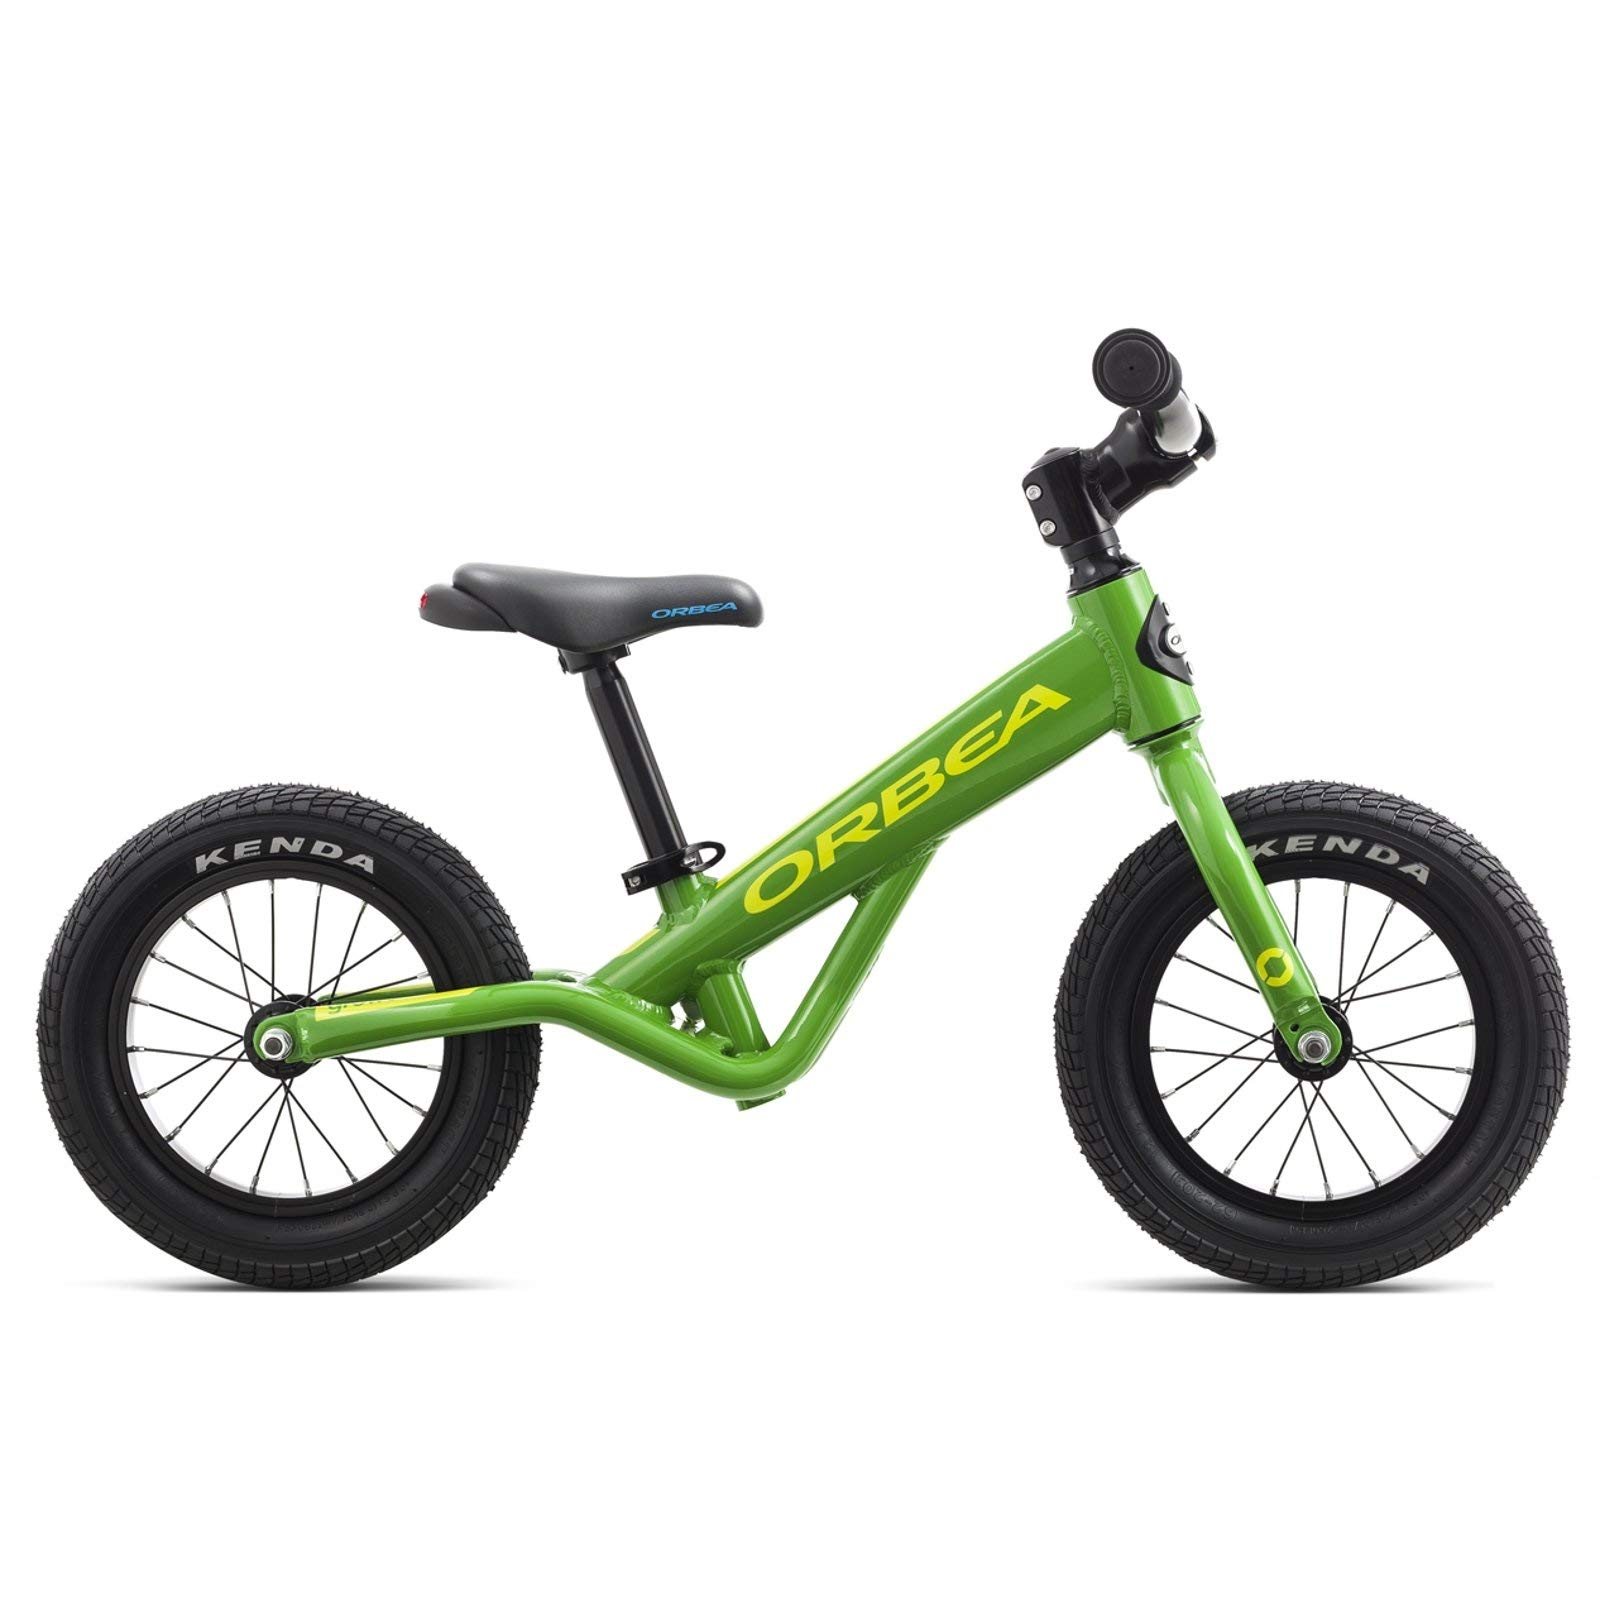 Orbea Grow 0 – Bicicleta infantil de aprendizaje 12 pulgadas ...